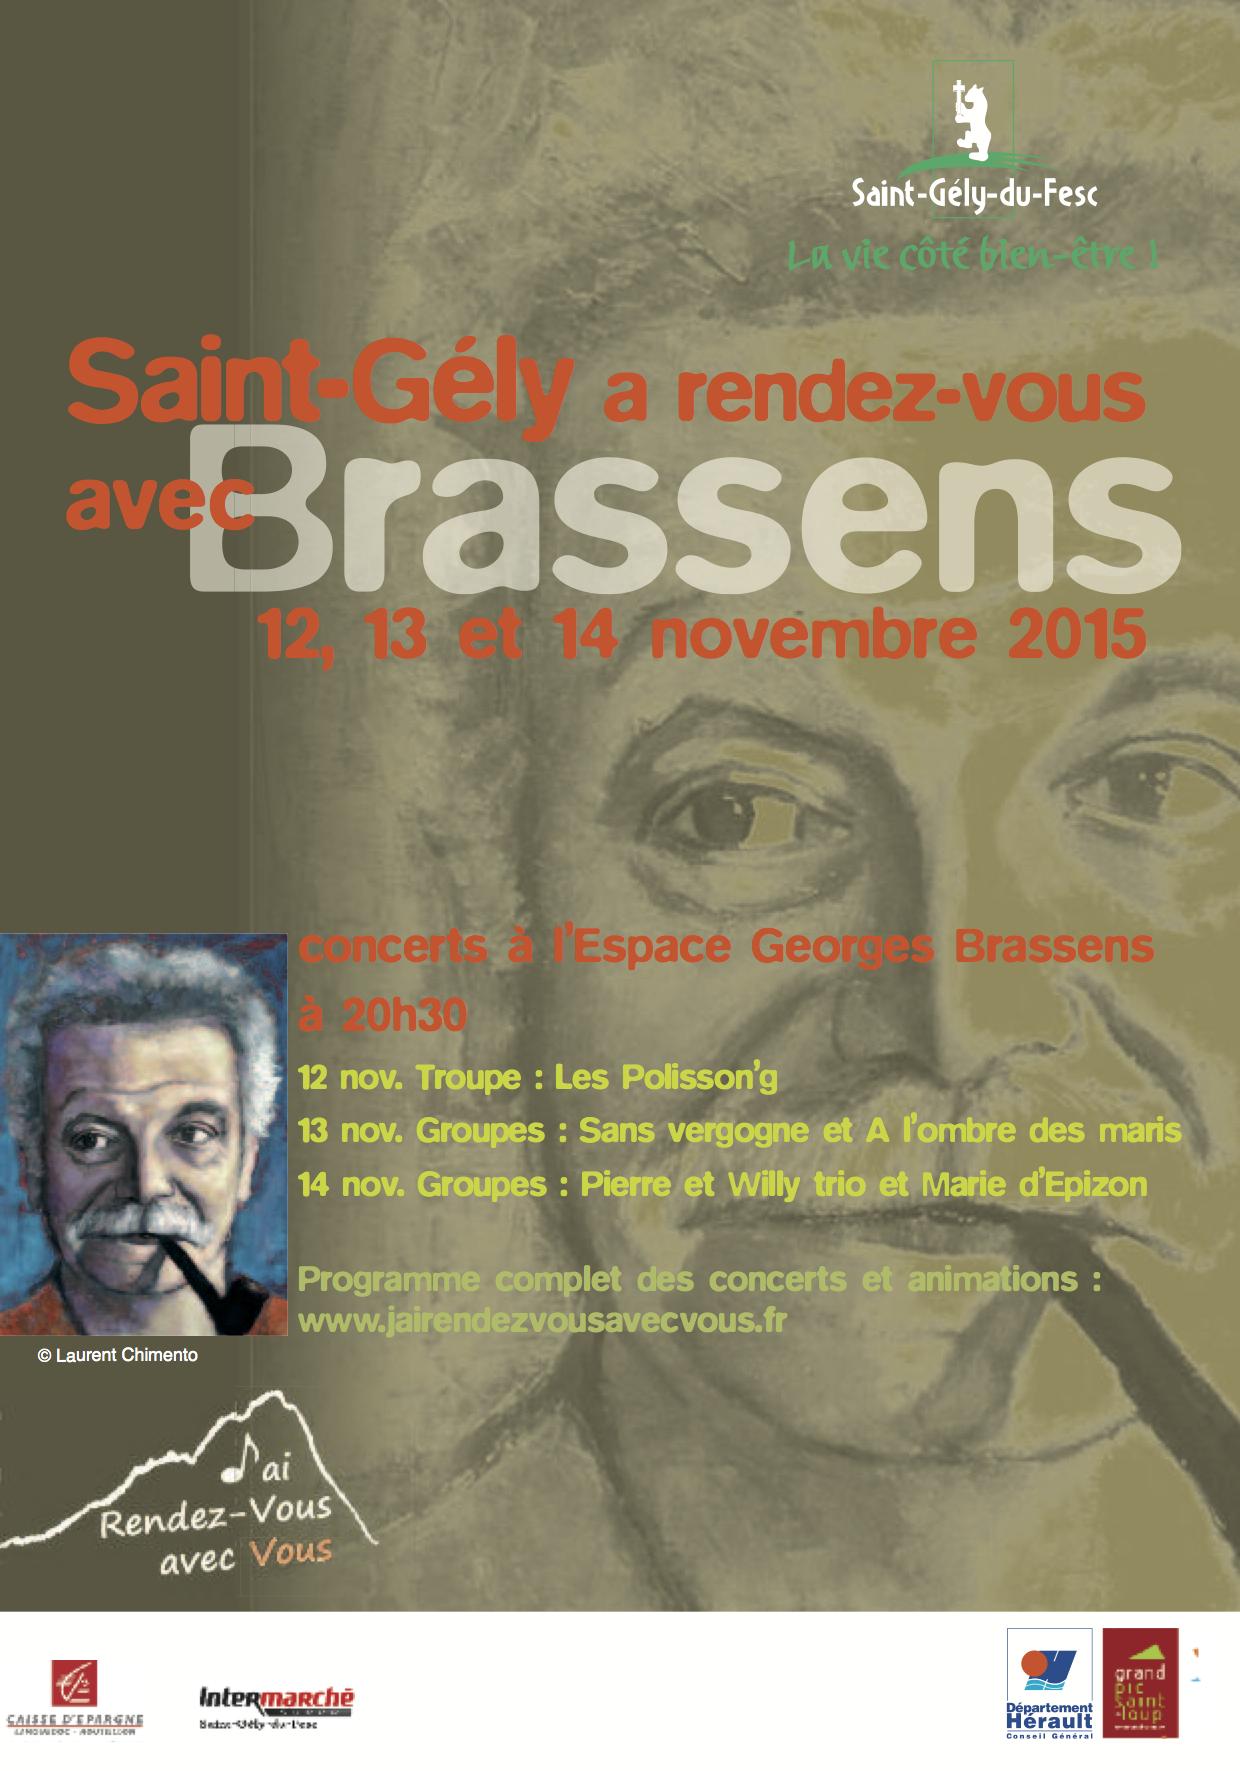 Saint-Gély a rendez-vous avec Brassens 2015